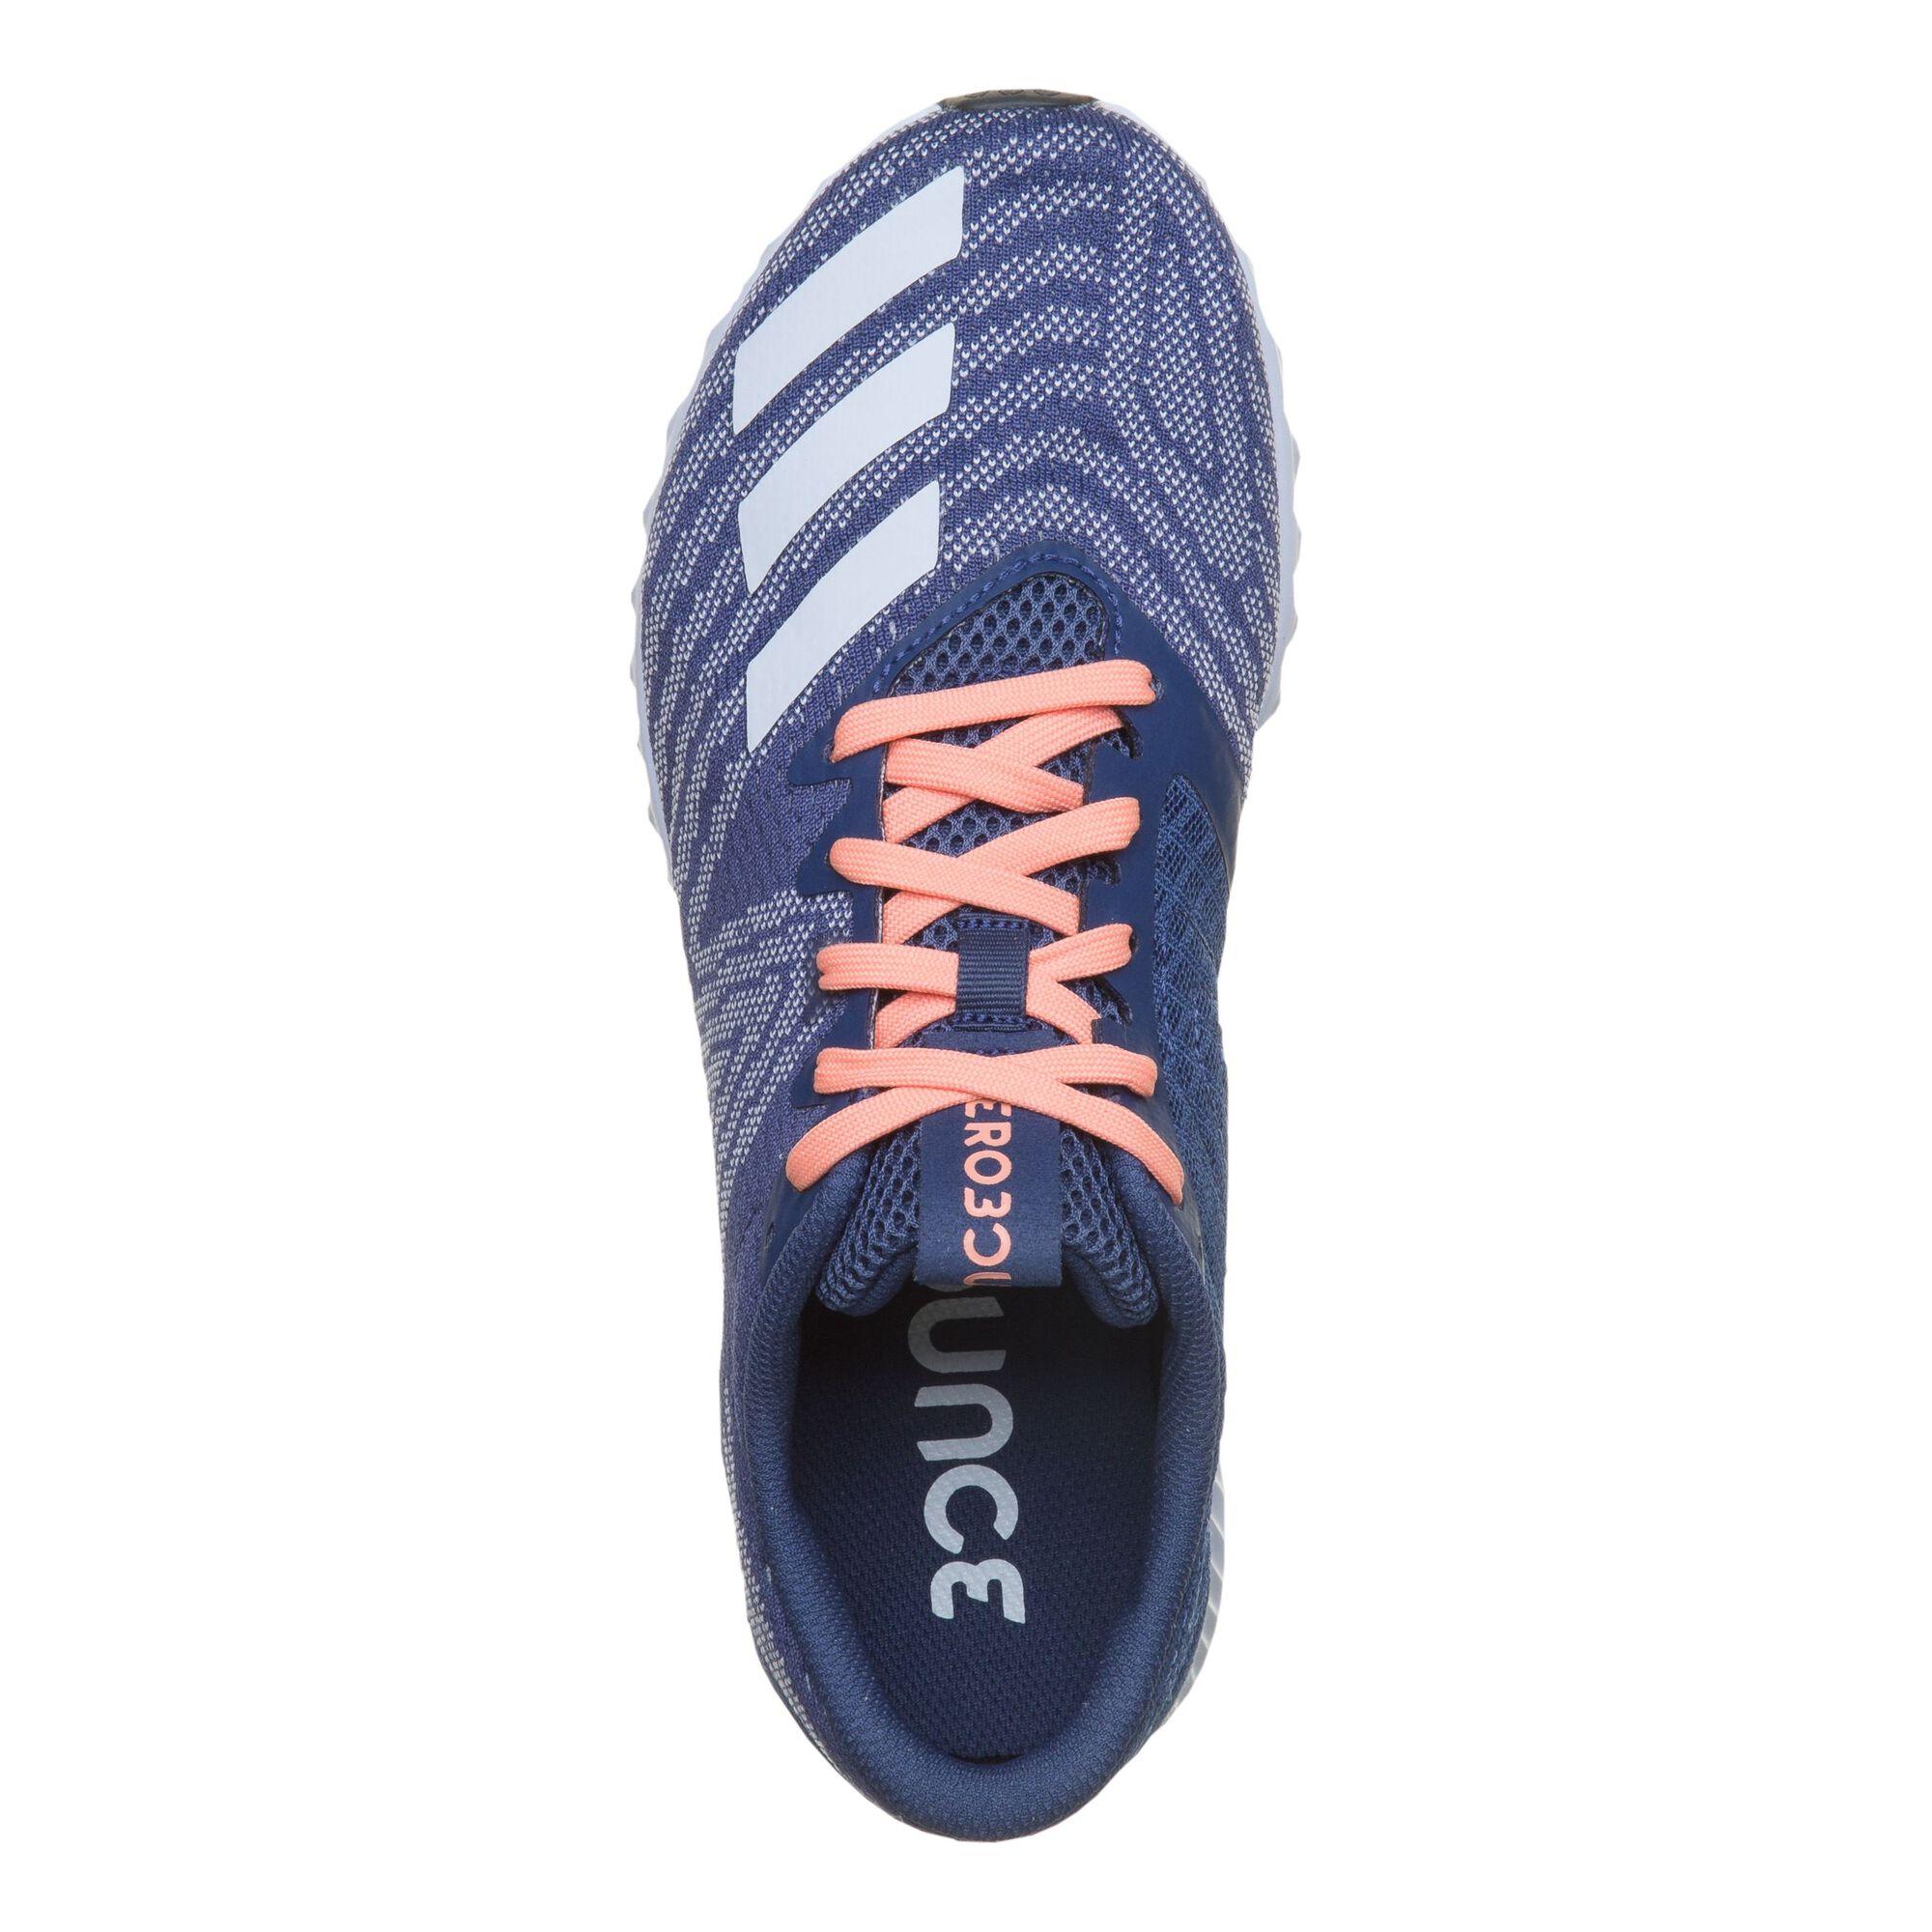 release date f20ec 67e1a ... adidas · adidas · adidas · adidas · adidas. Aerobounce PR ...